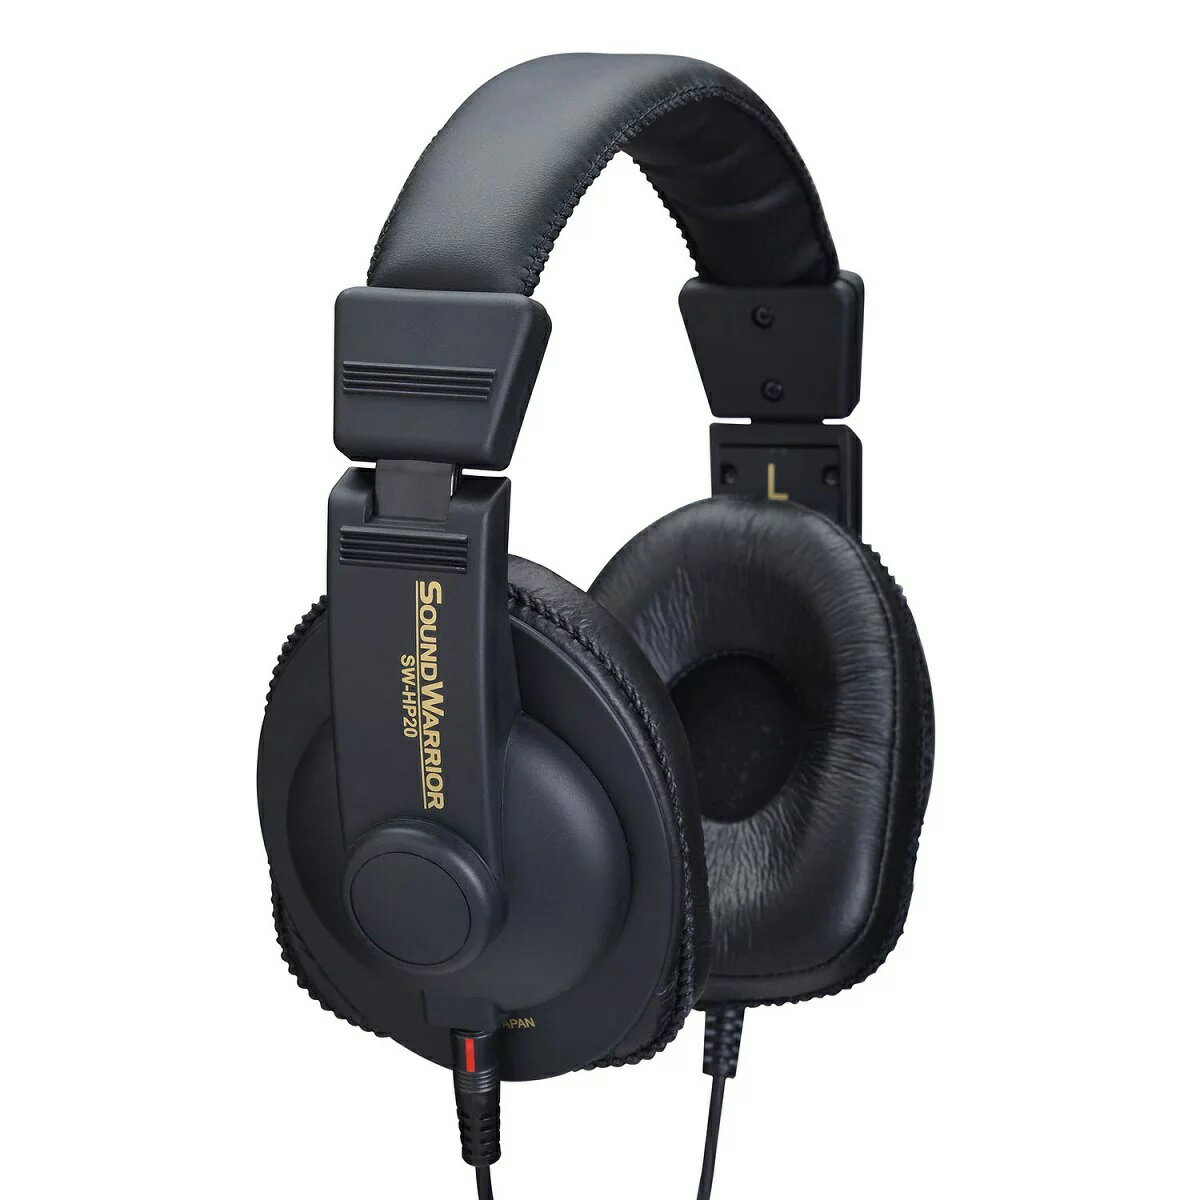 オーディオ, ヘッドホン・イヤホン 050-006SOUND WARRIOR SW-HP20-B